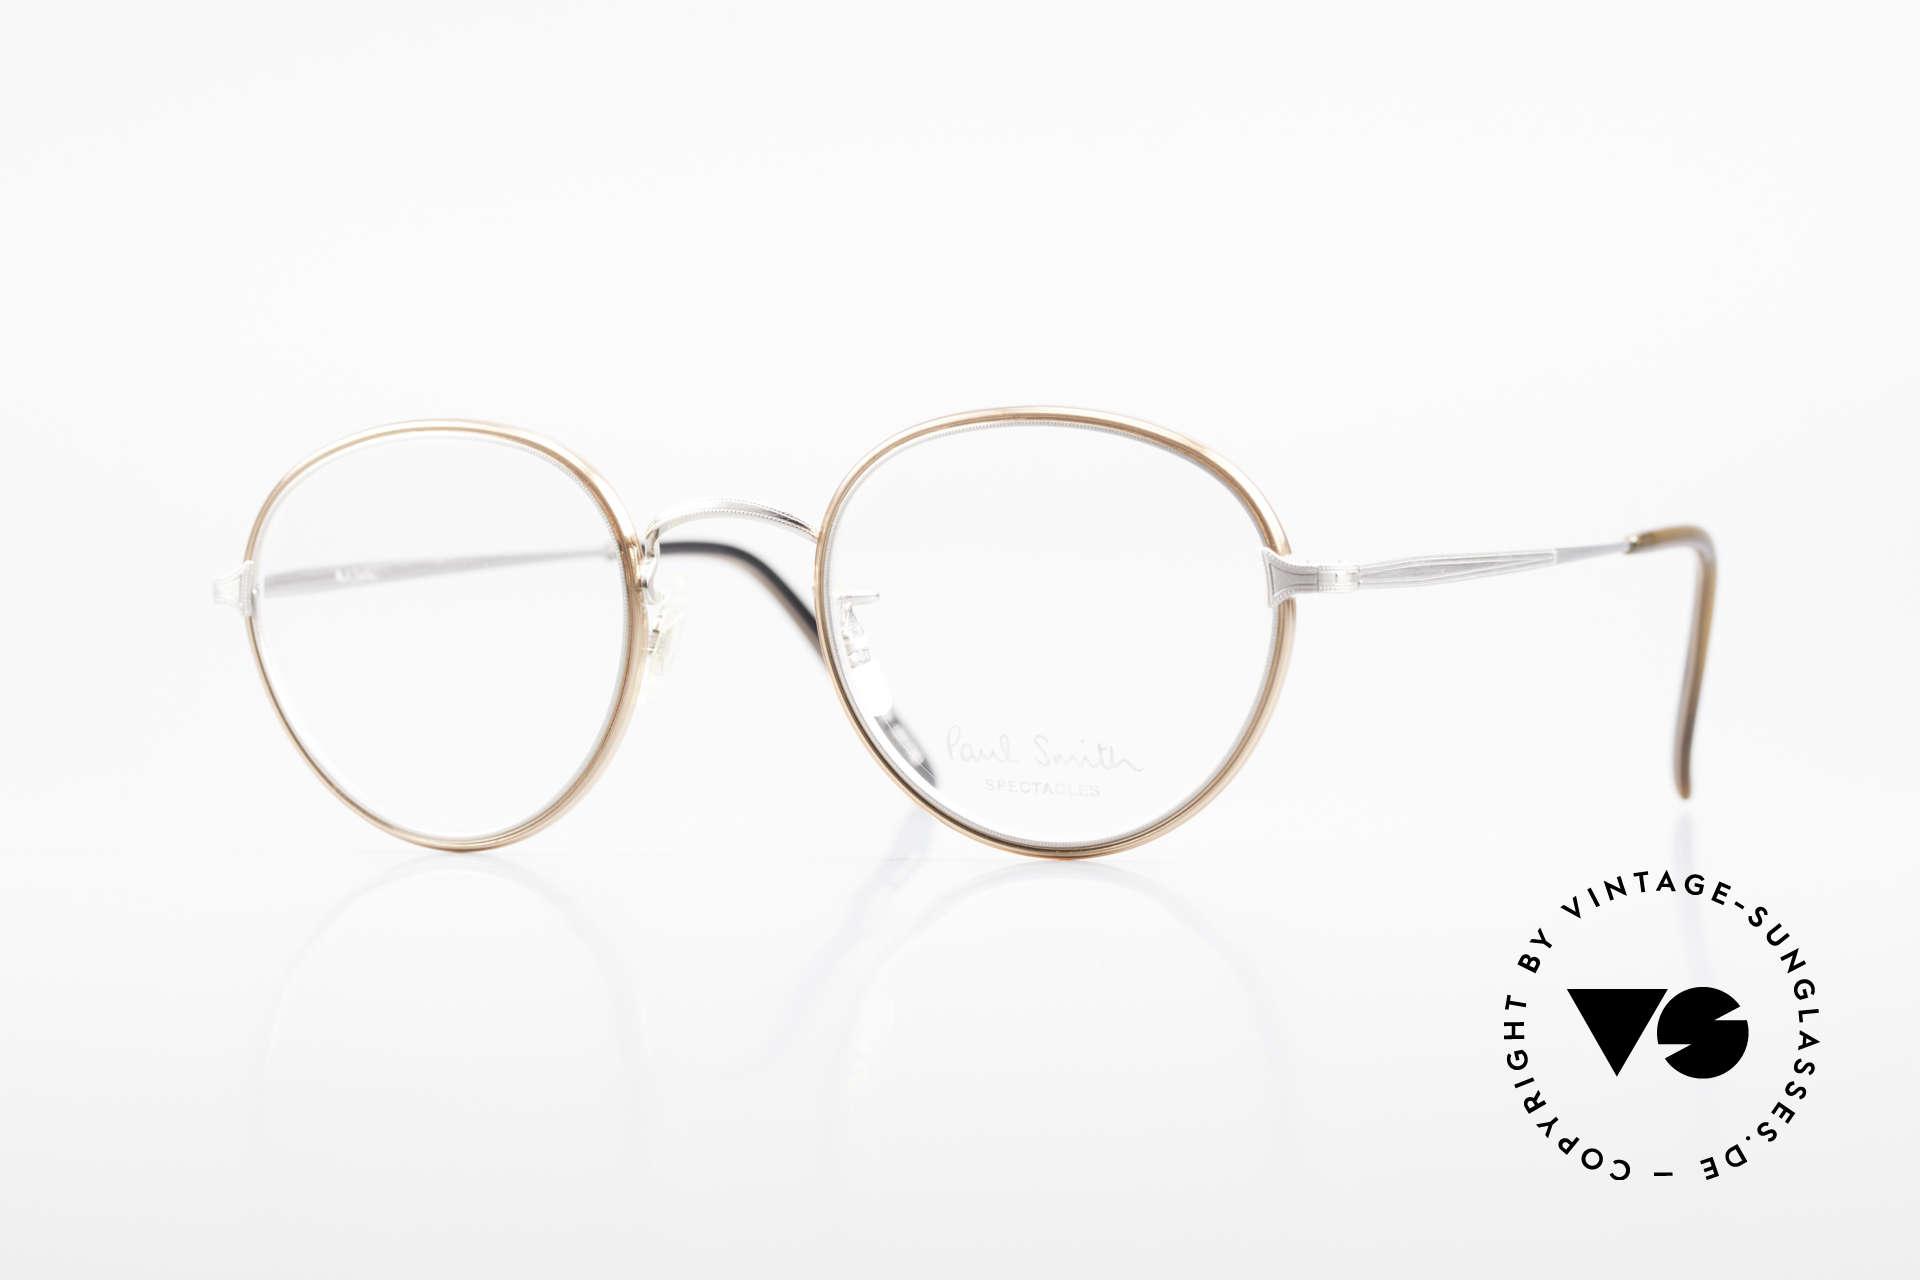 Paul Smith PSR109 Alte Pantobrille Made in Japan, Paul Smith vintage Brille der späten 80er / frühe 90er, Passend für Herren